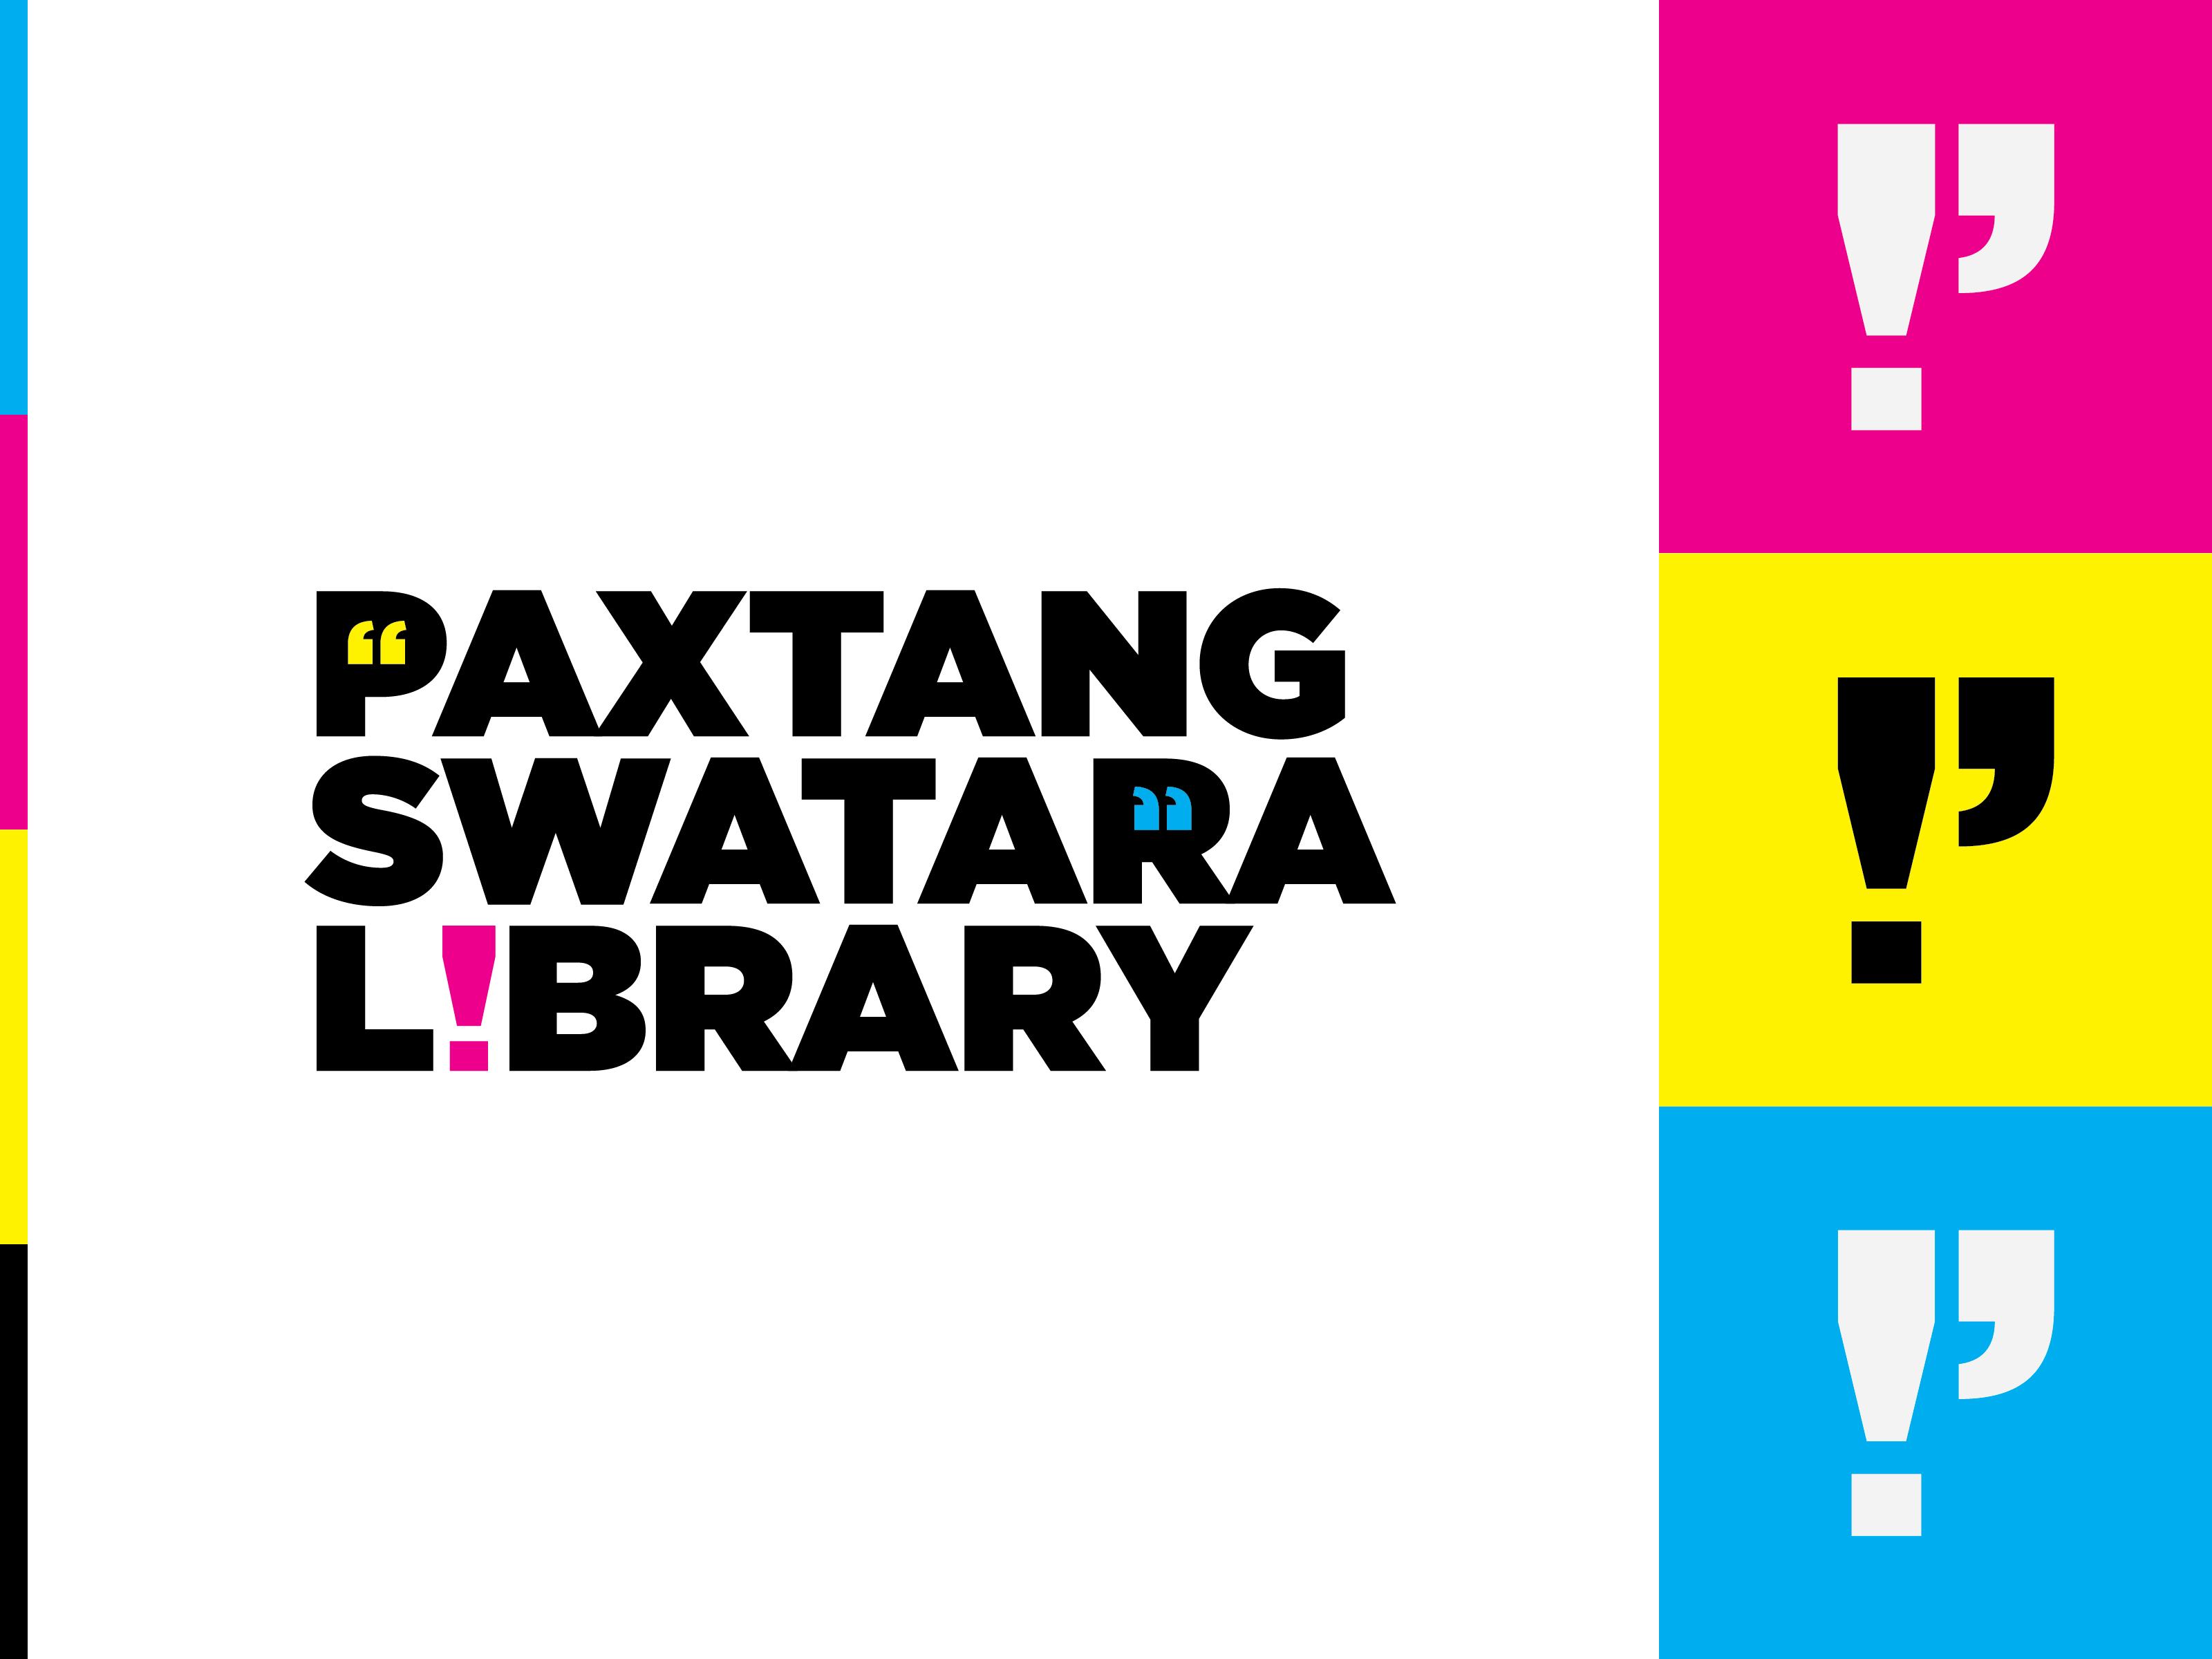 Paxtang Swatara Library Branding